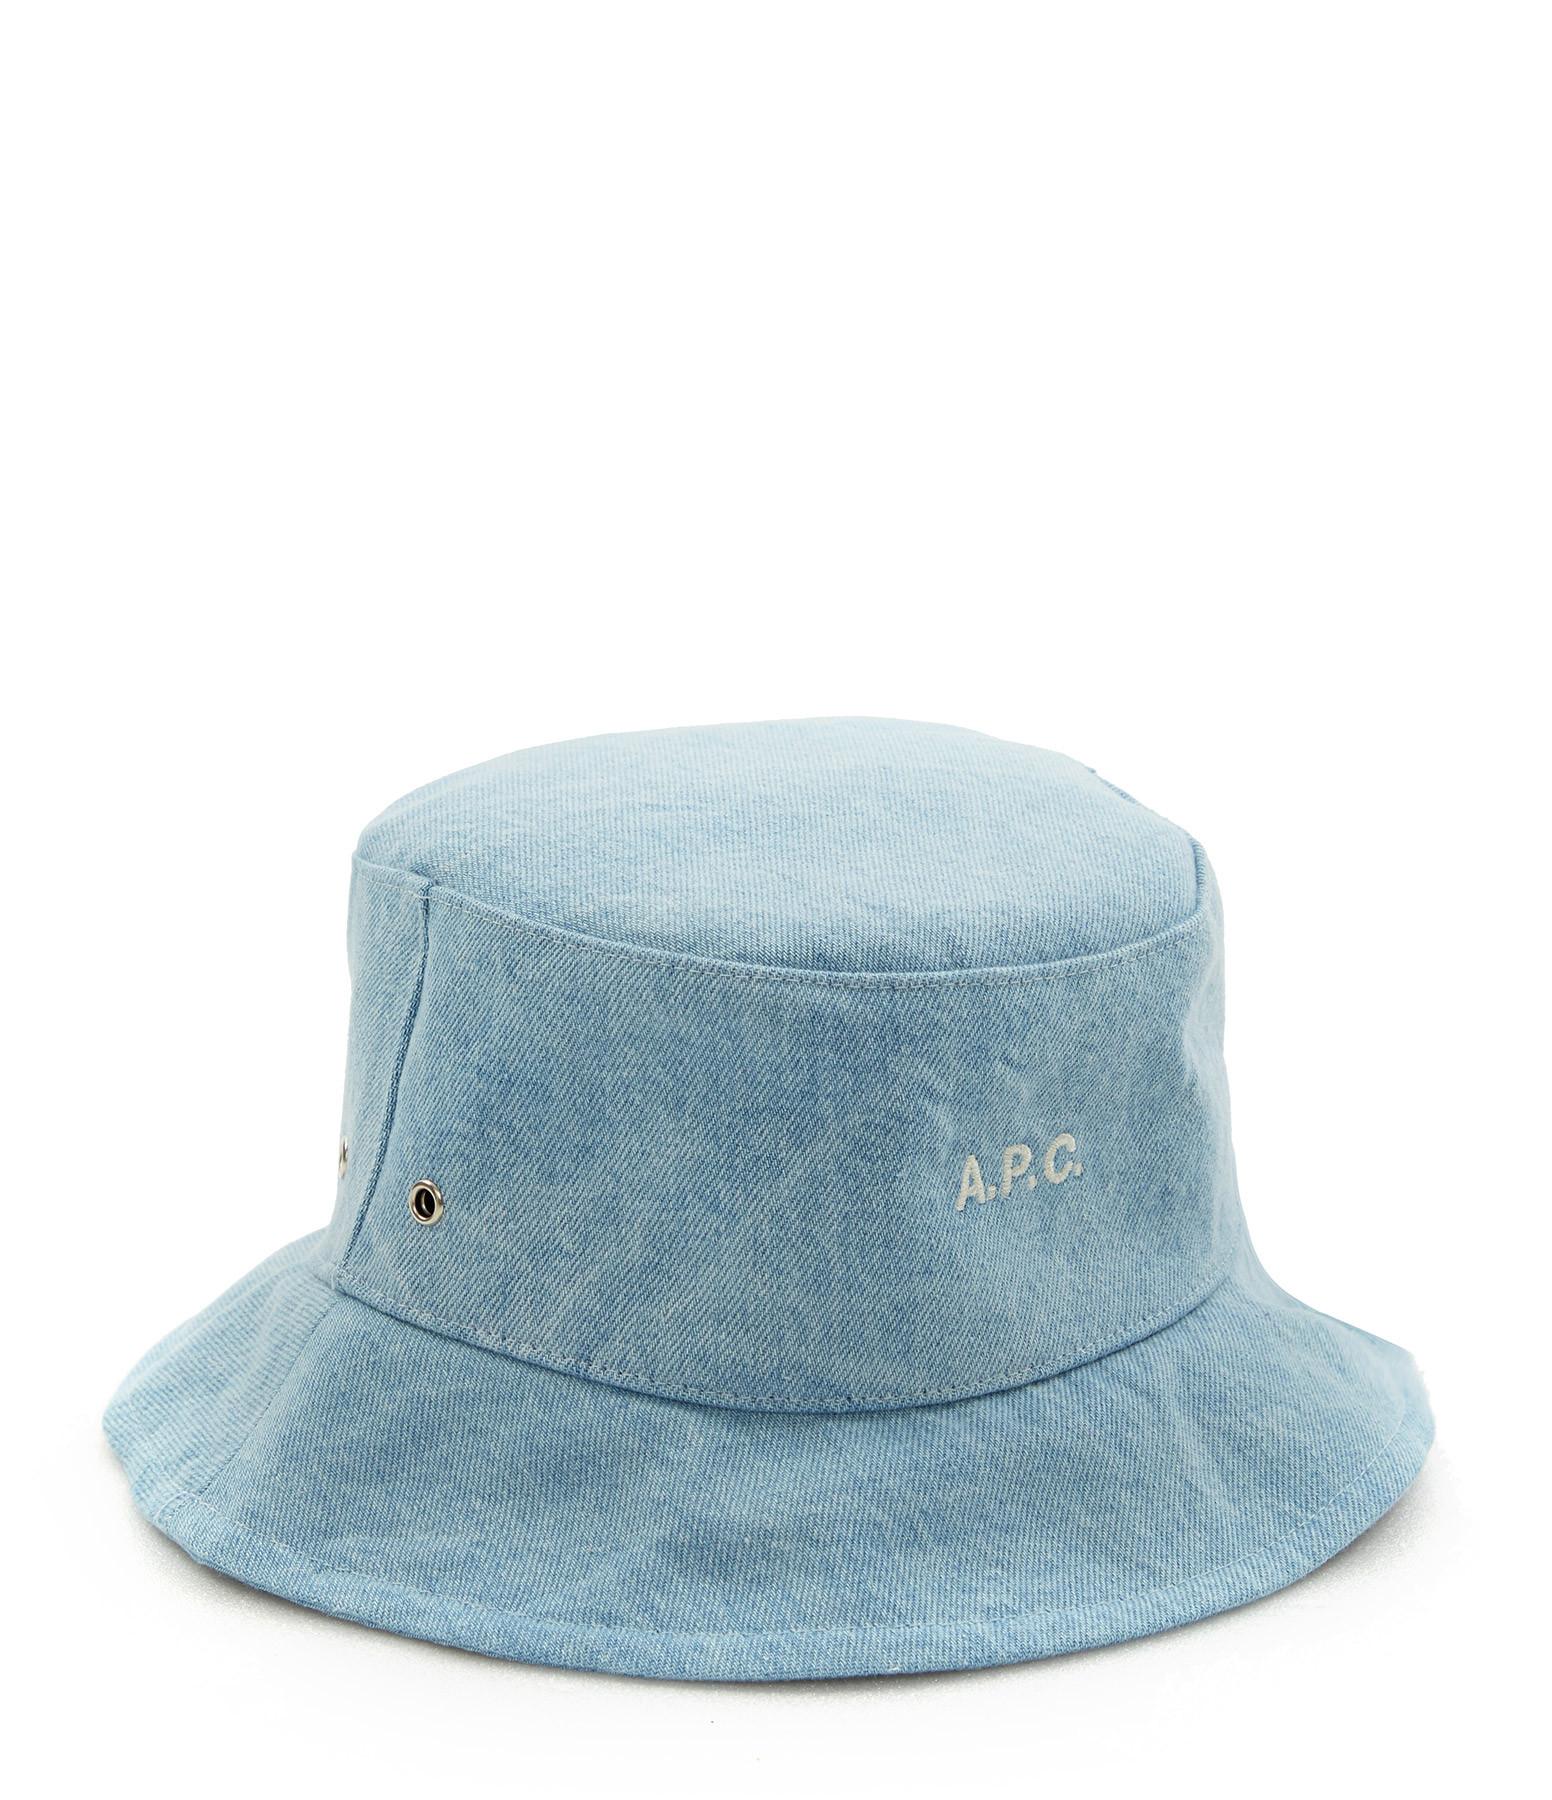 A.P.C. - Chapeau Bob Alex Denim Bleu